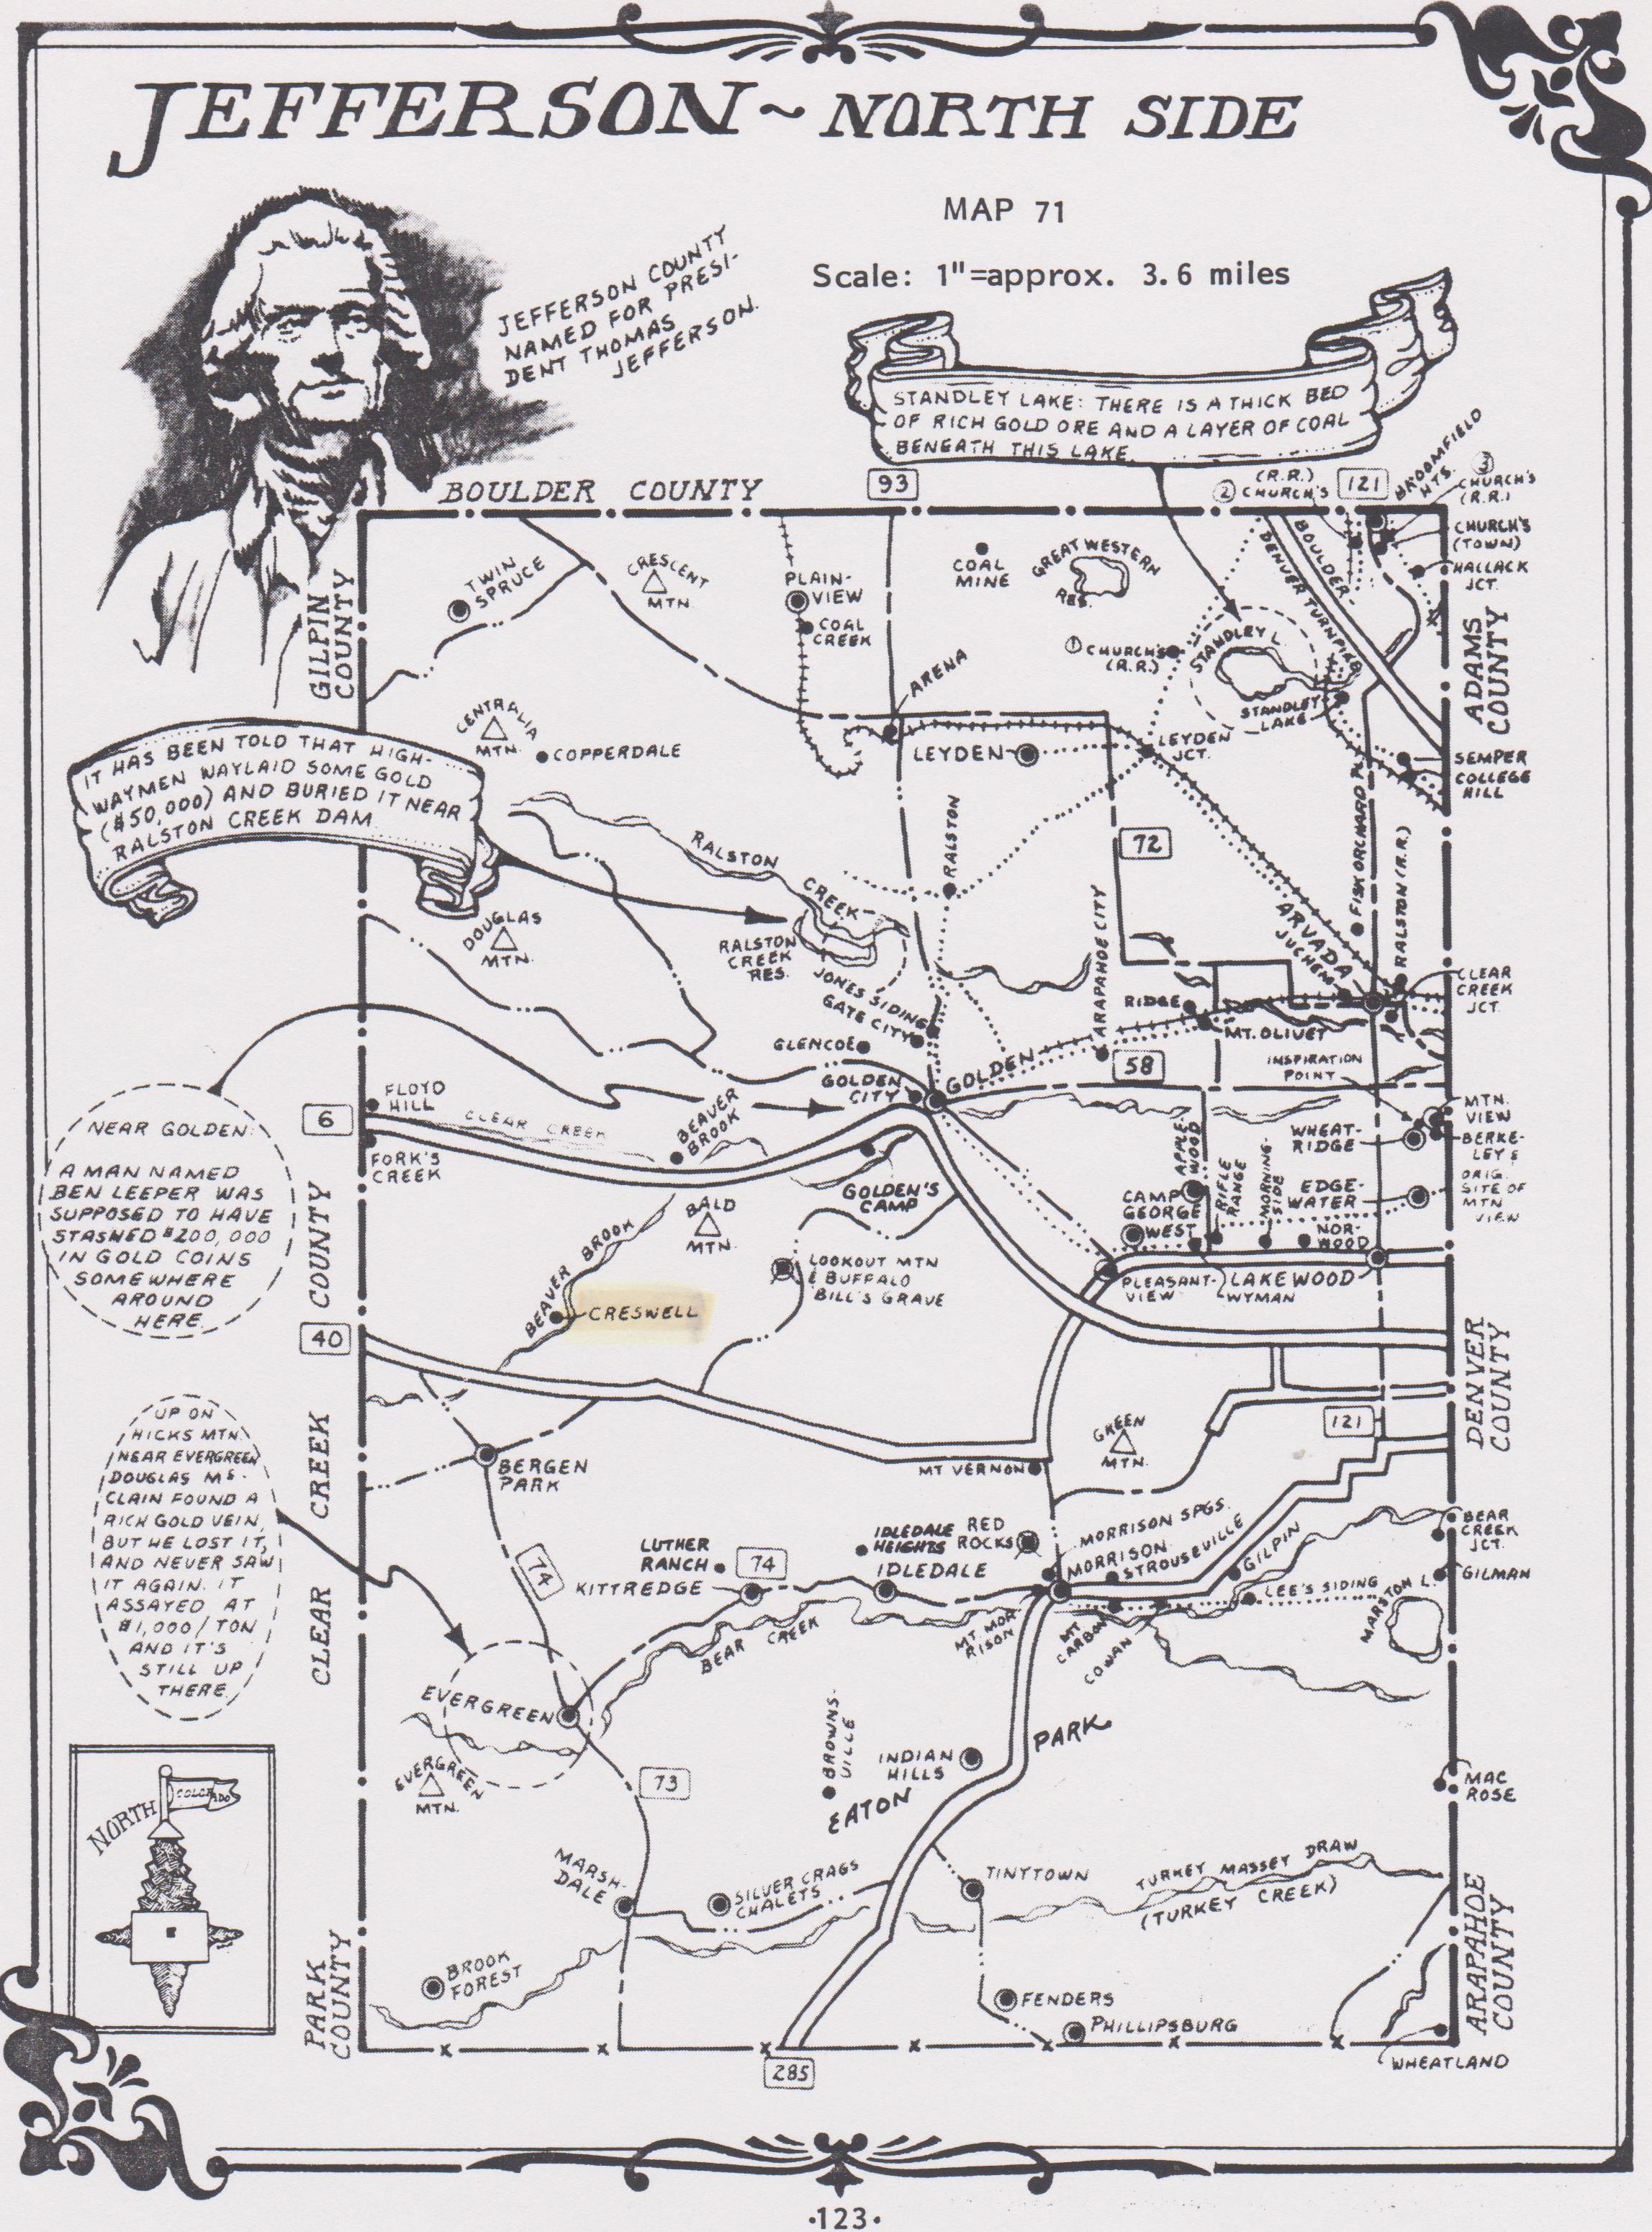 Baker, Mattie, Jefferson County, CO 1887 map